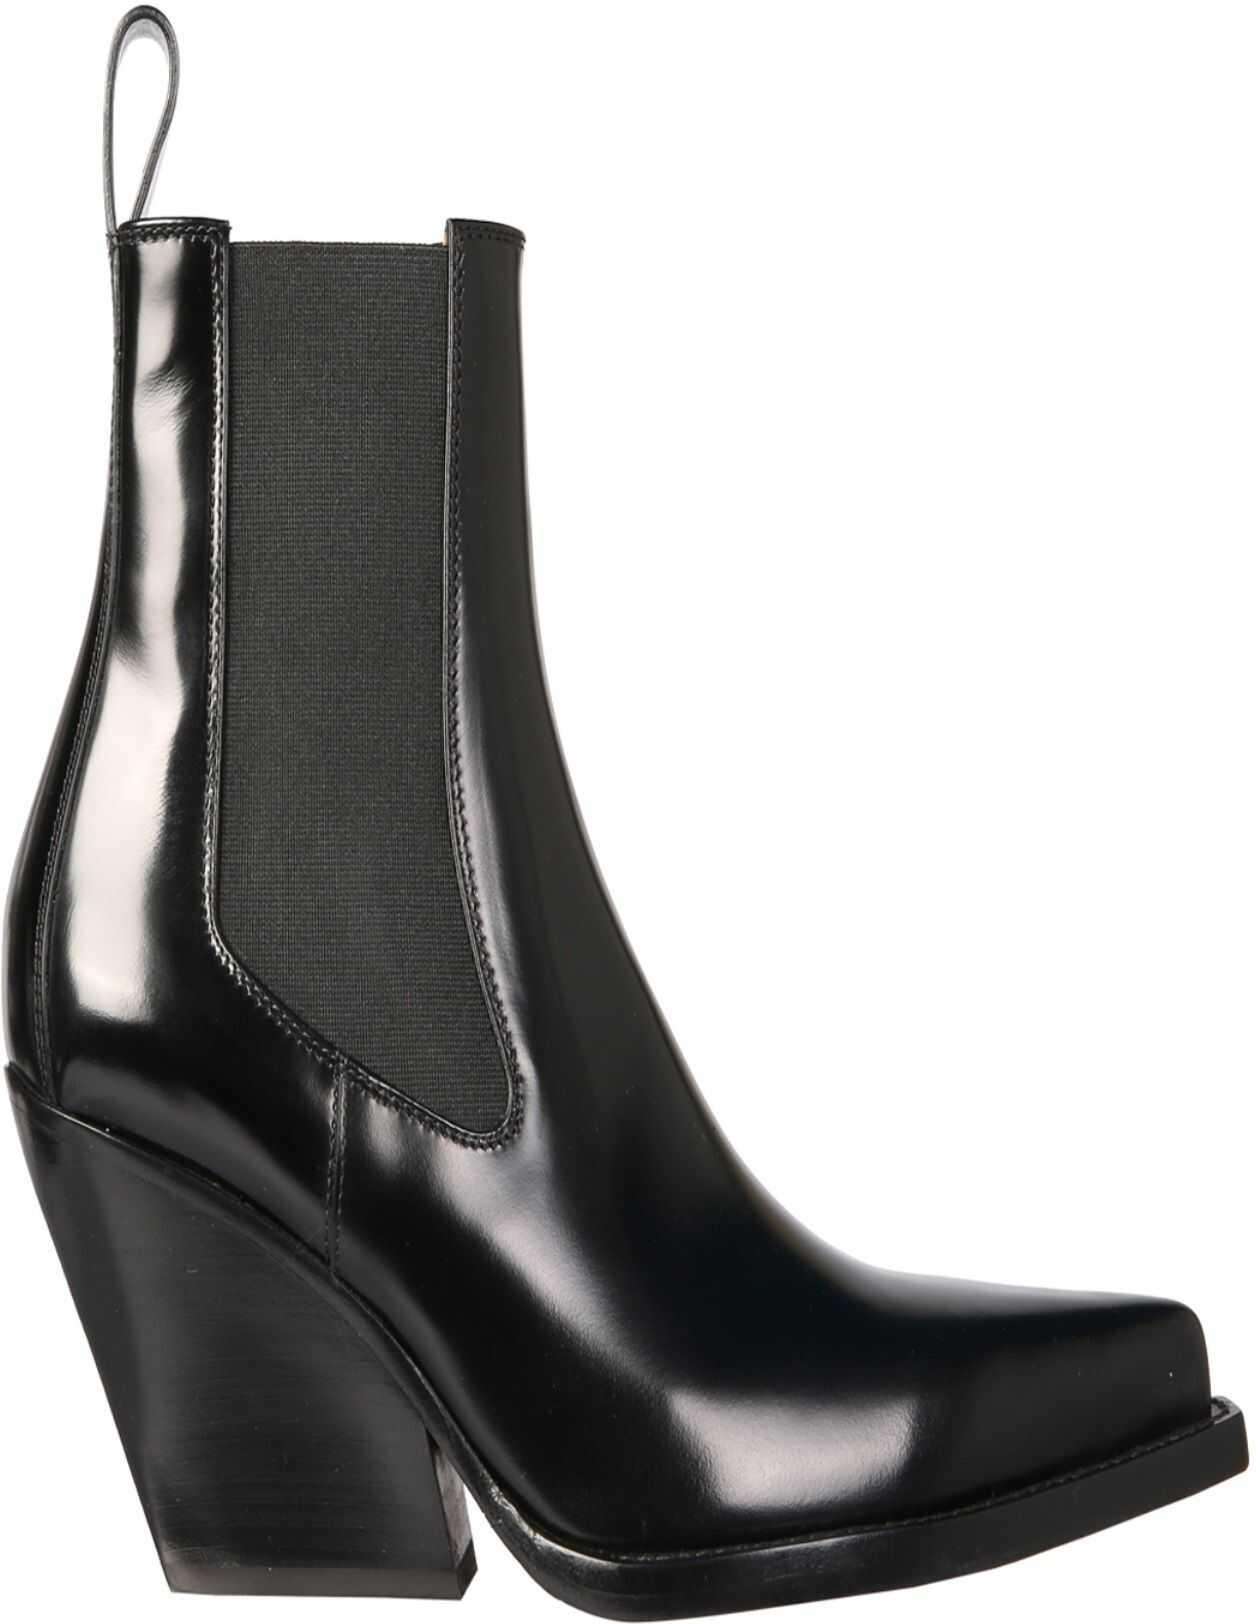 Bottega Veneta Lean Boots 639826_V01M01000 BLACK imagine b-mall.ro